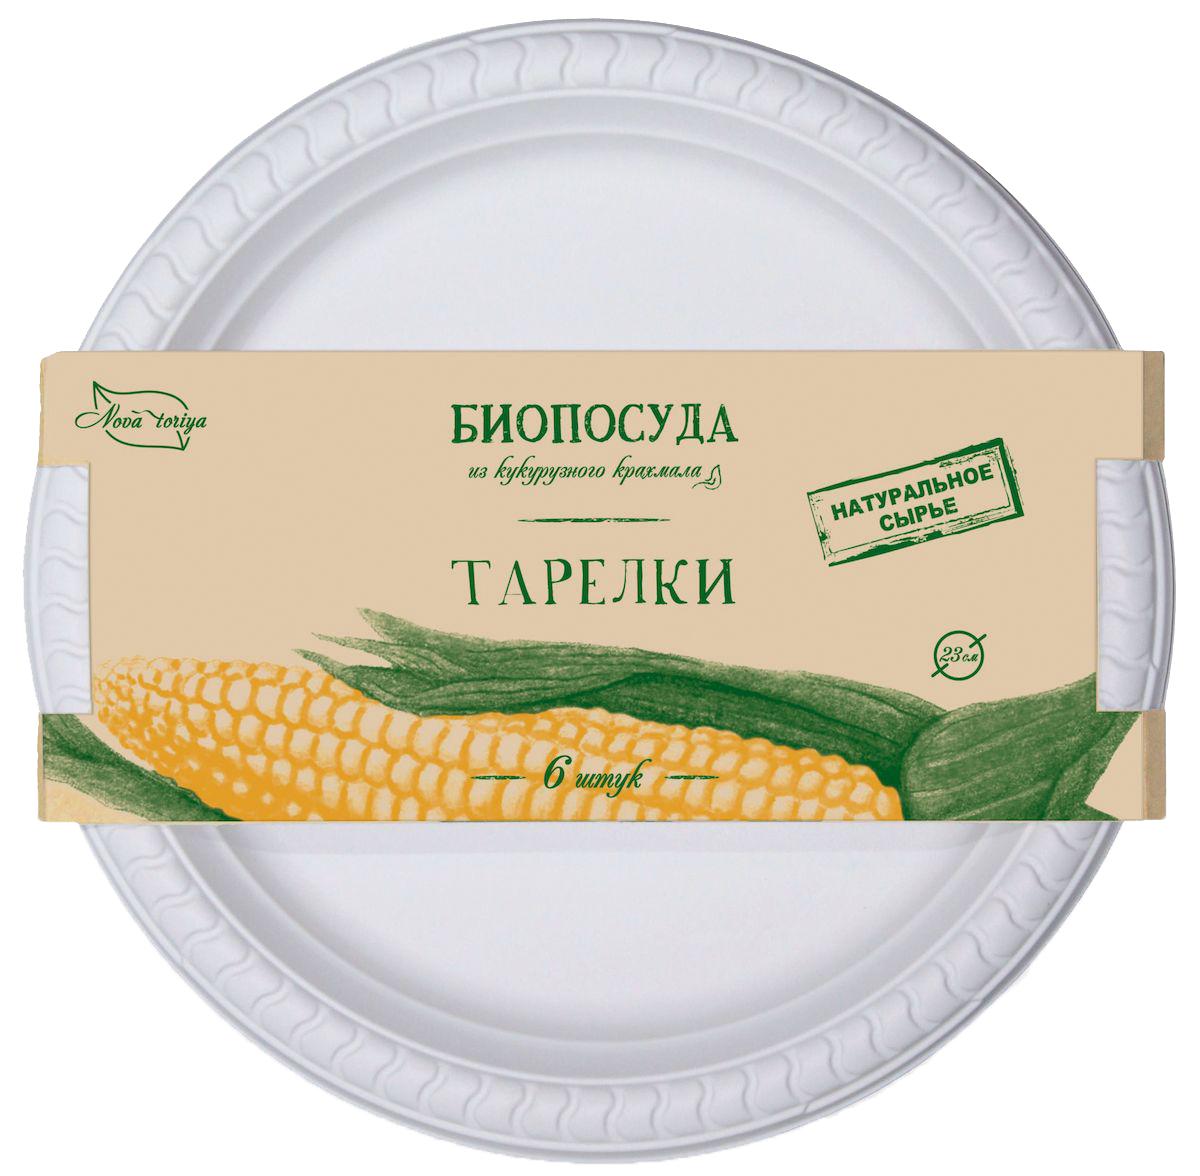 Набор одноразовых тарелок Nova Toriya, диаметр 23 см, 6 шт23Набор Nova Toriya состоит из шести круглых суповых тарелок, выполненных из кукурузного крахмала и предназначенных для одноразового использования. Одноразовые тарелки будут незаменимы при поездках на природу, пикниках и других мероприятиях. Они не займут много места, легки и самое главное - после использования их не надо мыть.